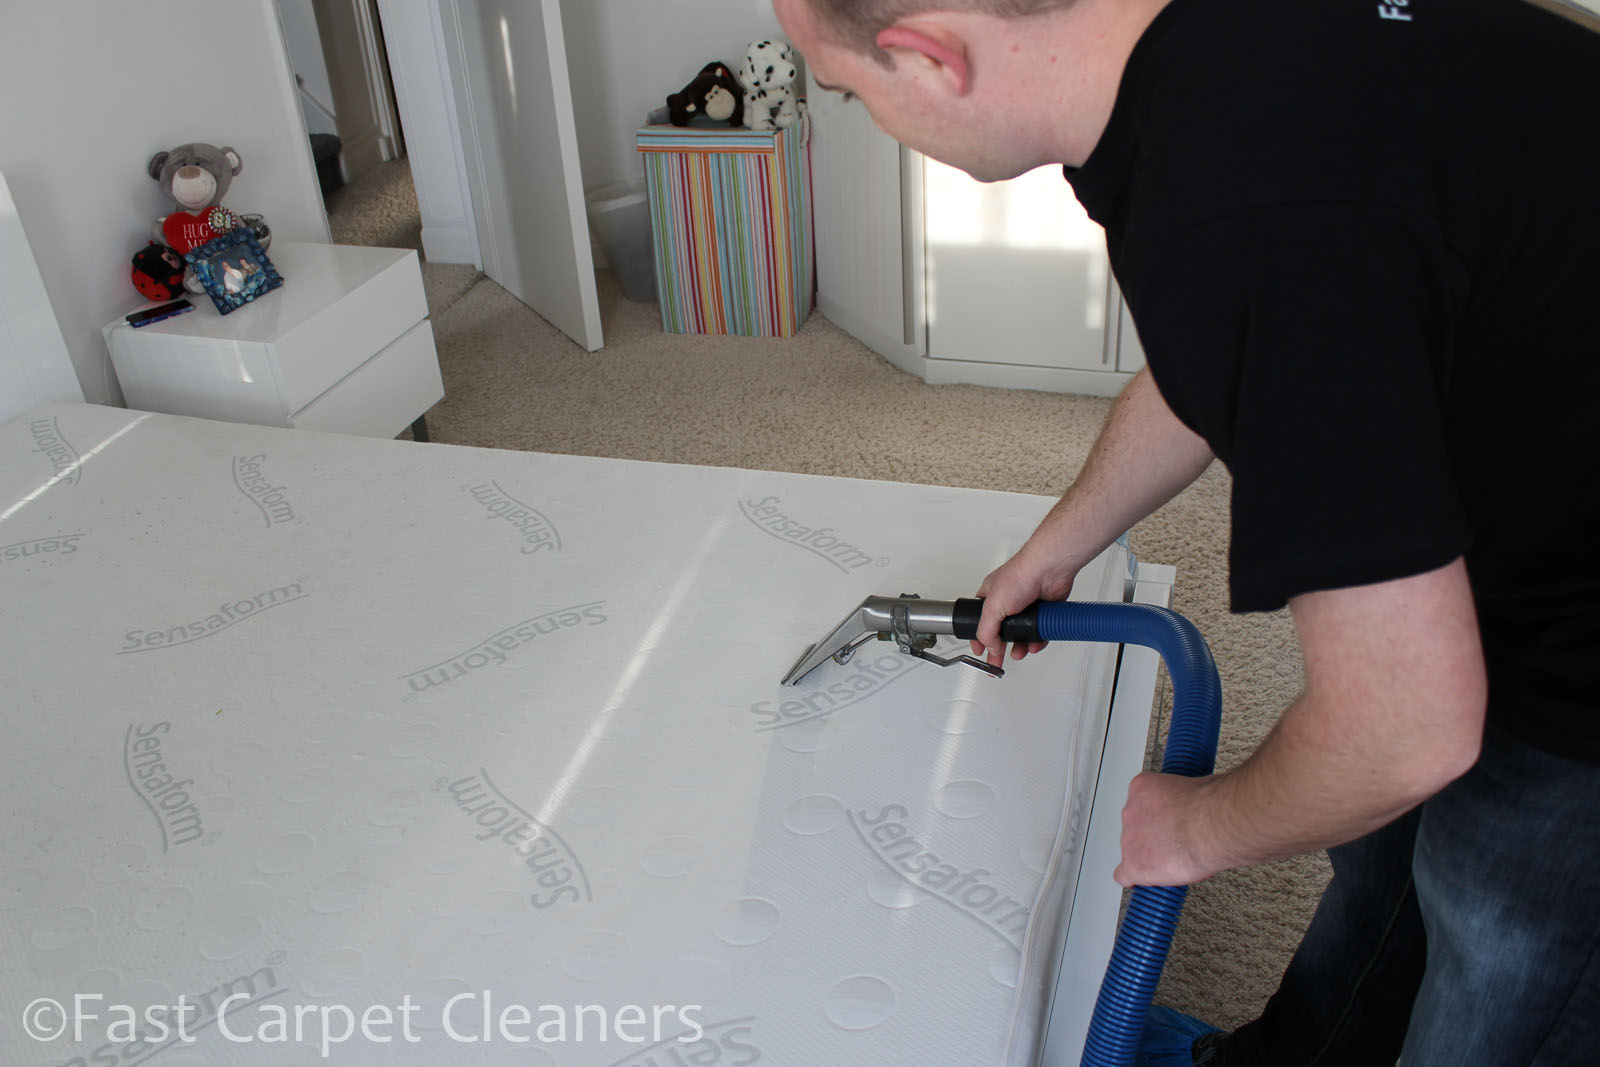 Mattress Cleaning Company Southampton Trained Mattress